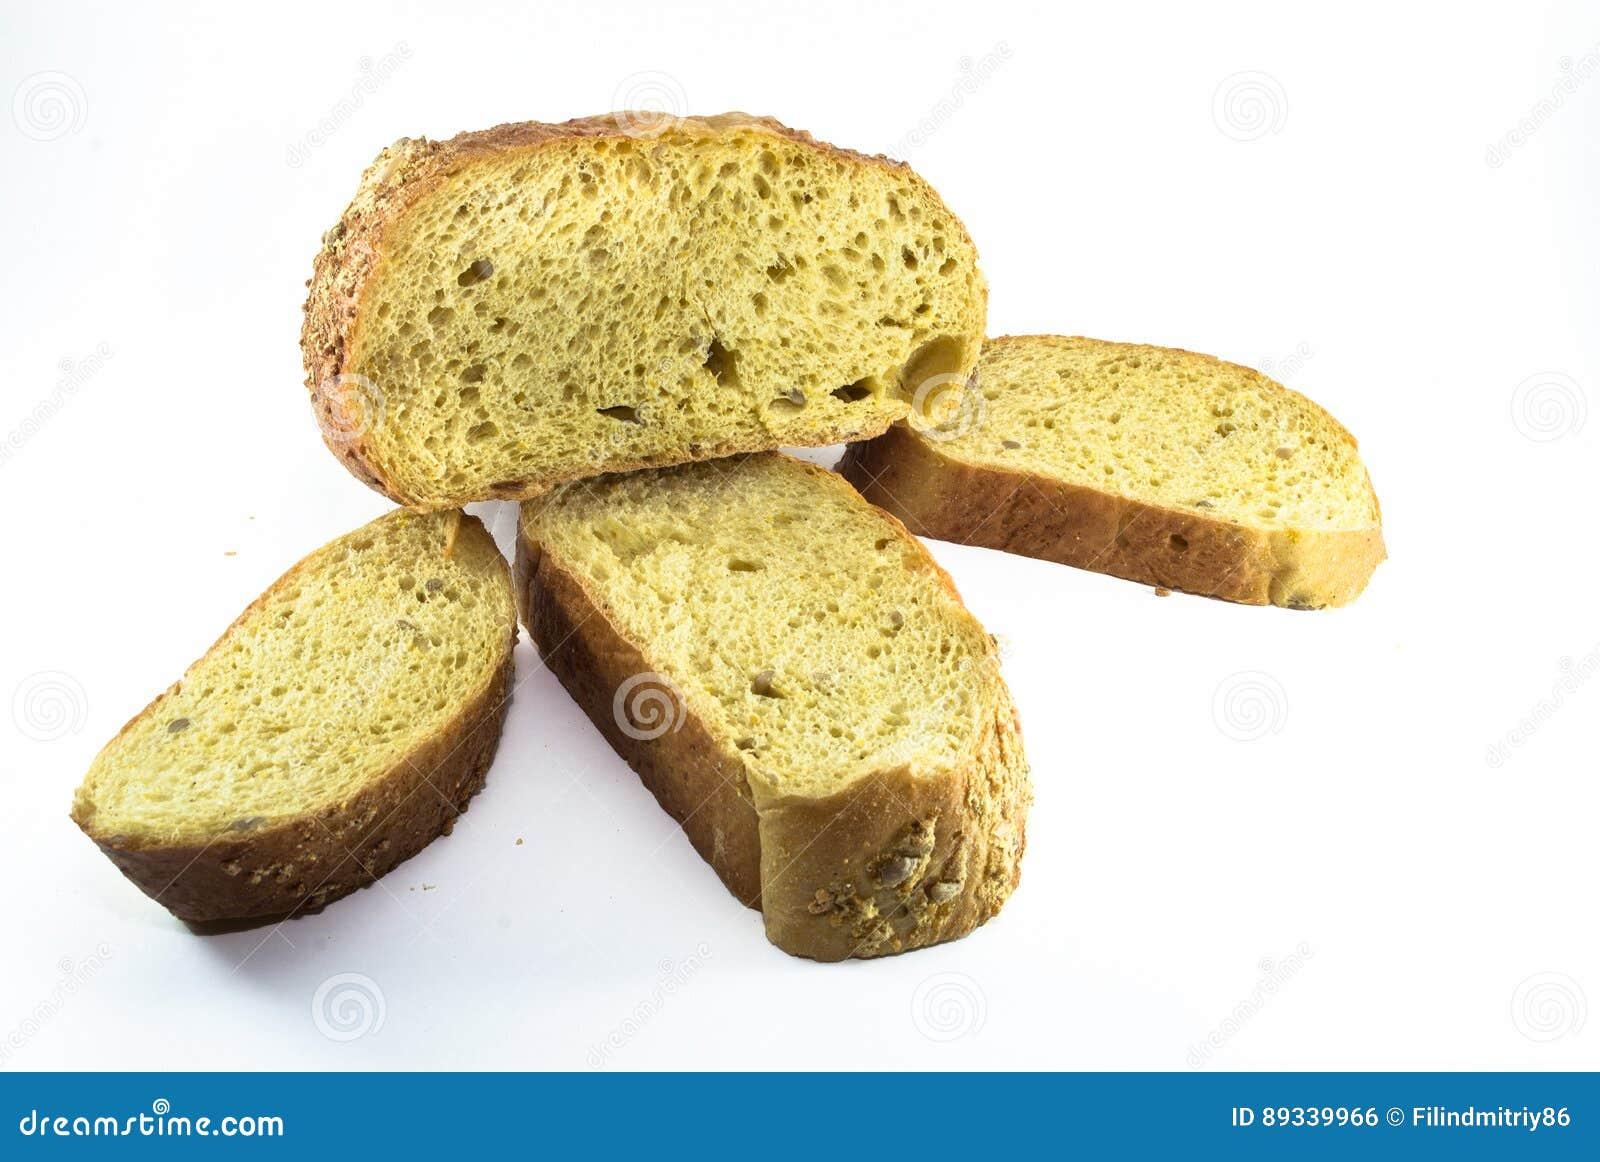 Gesneden die broodbrood op witte achtergrond wordt geïsoleerd